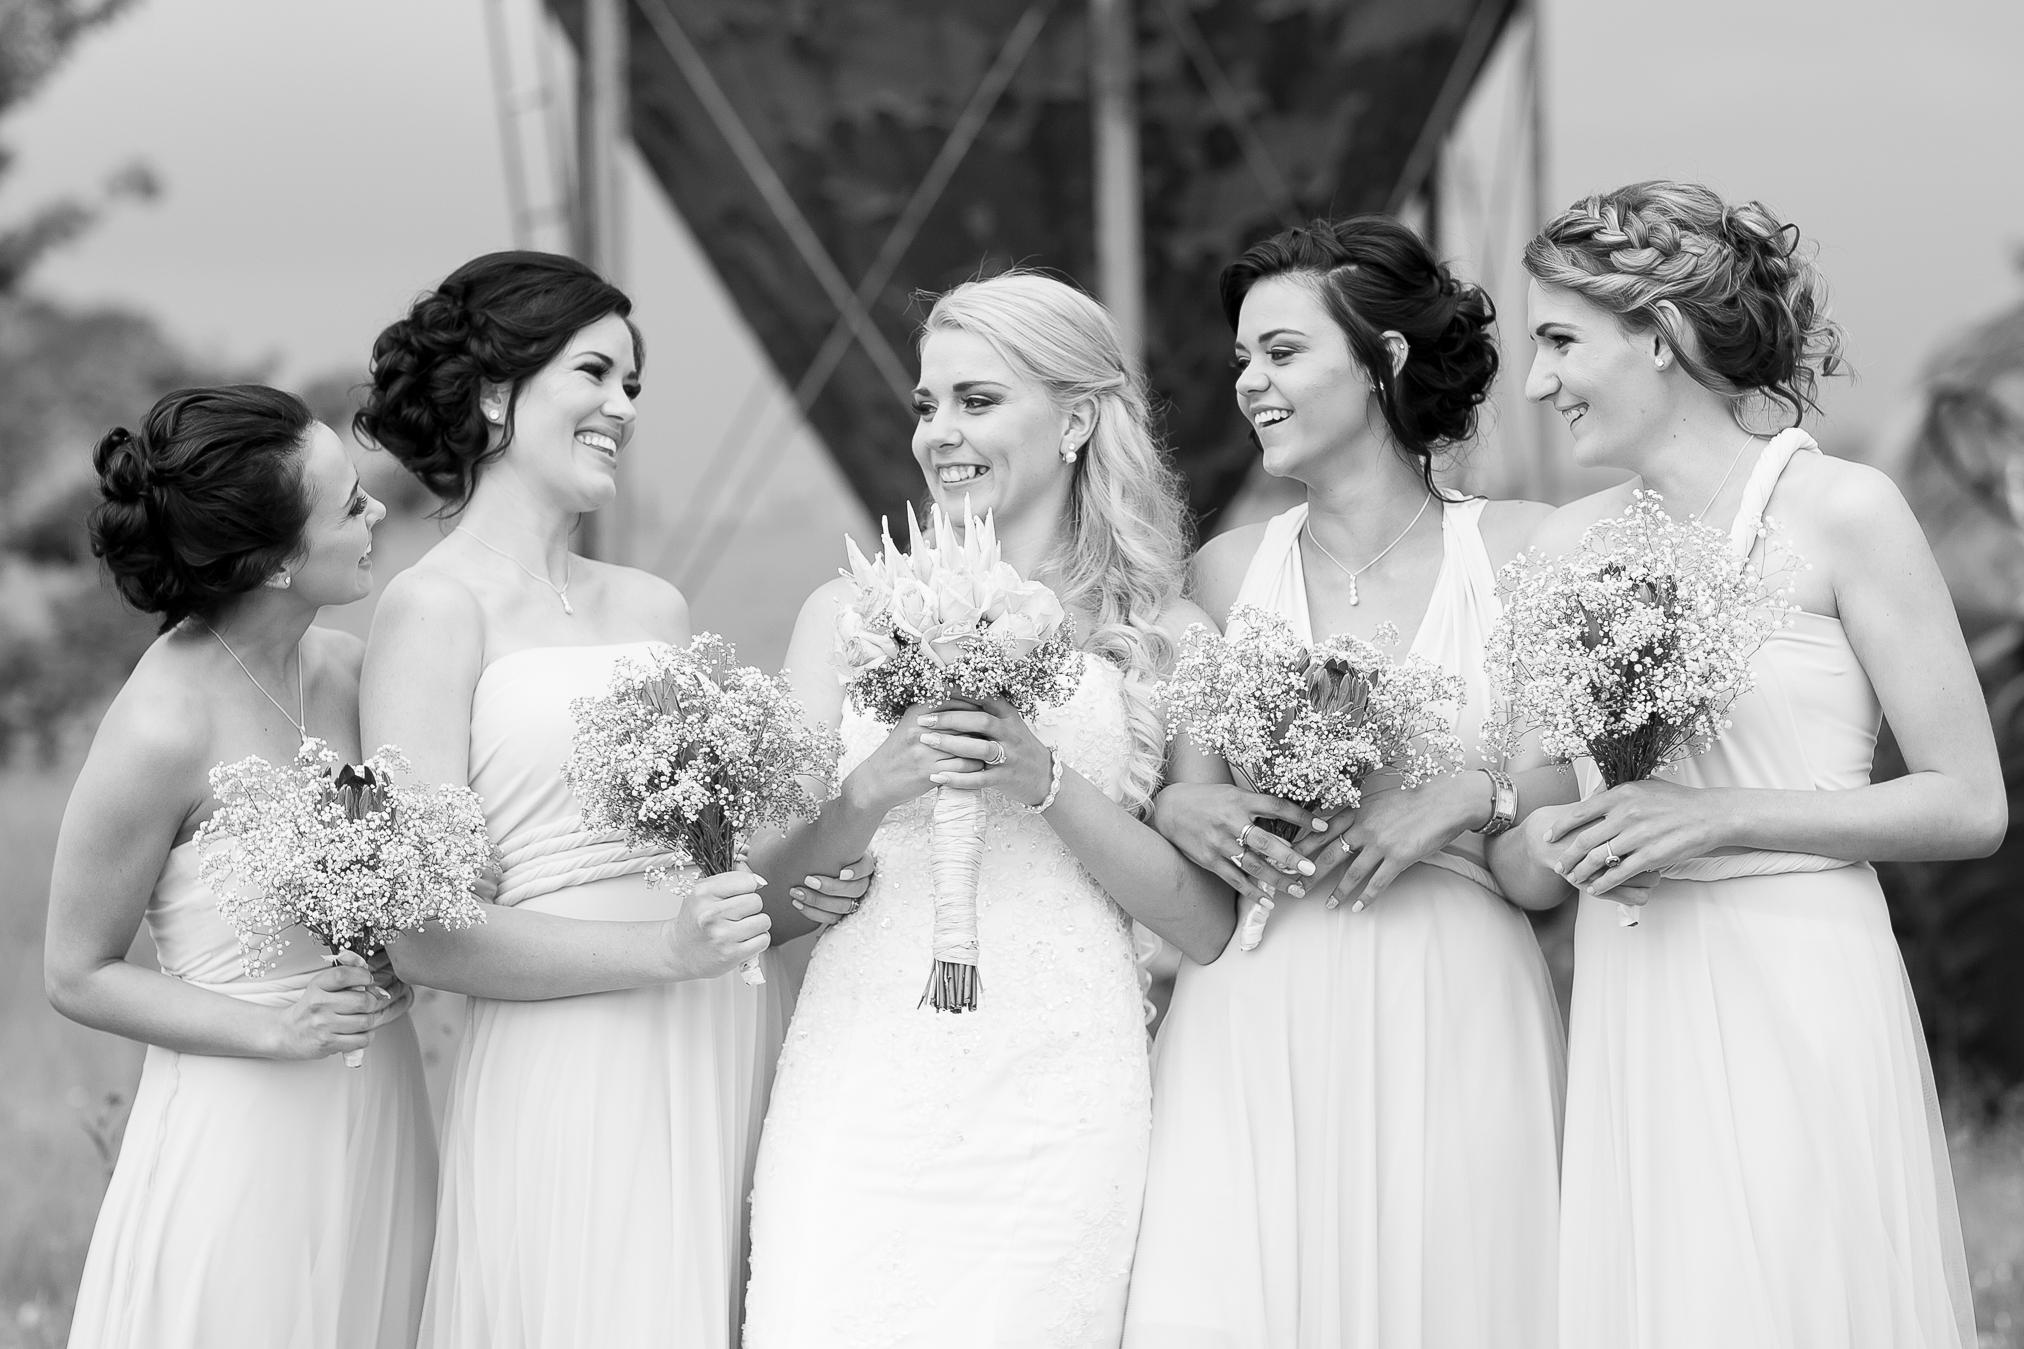 Die_Waenhuiskraal_wedding_Alicia_Dwayne_54